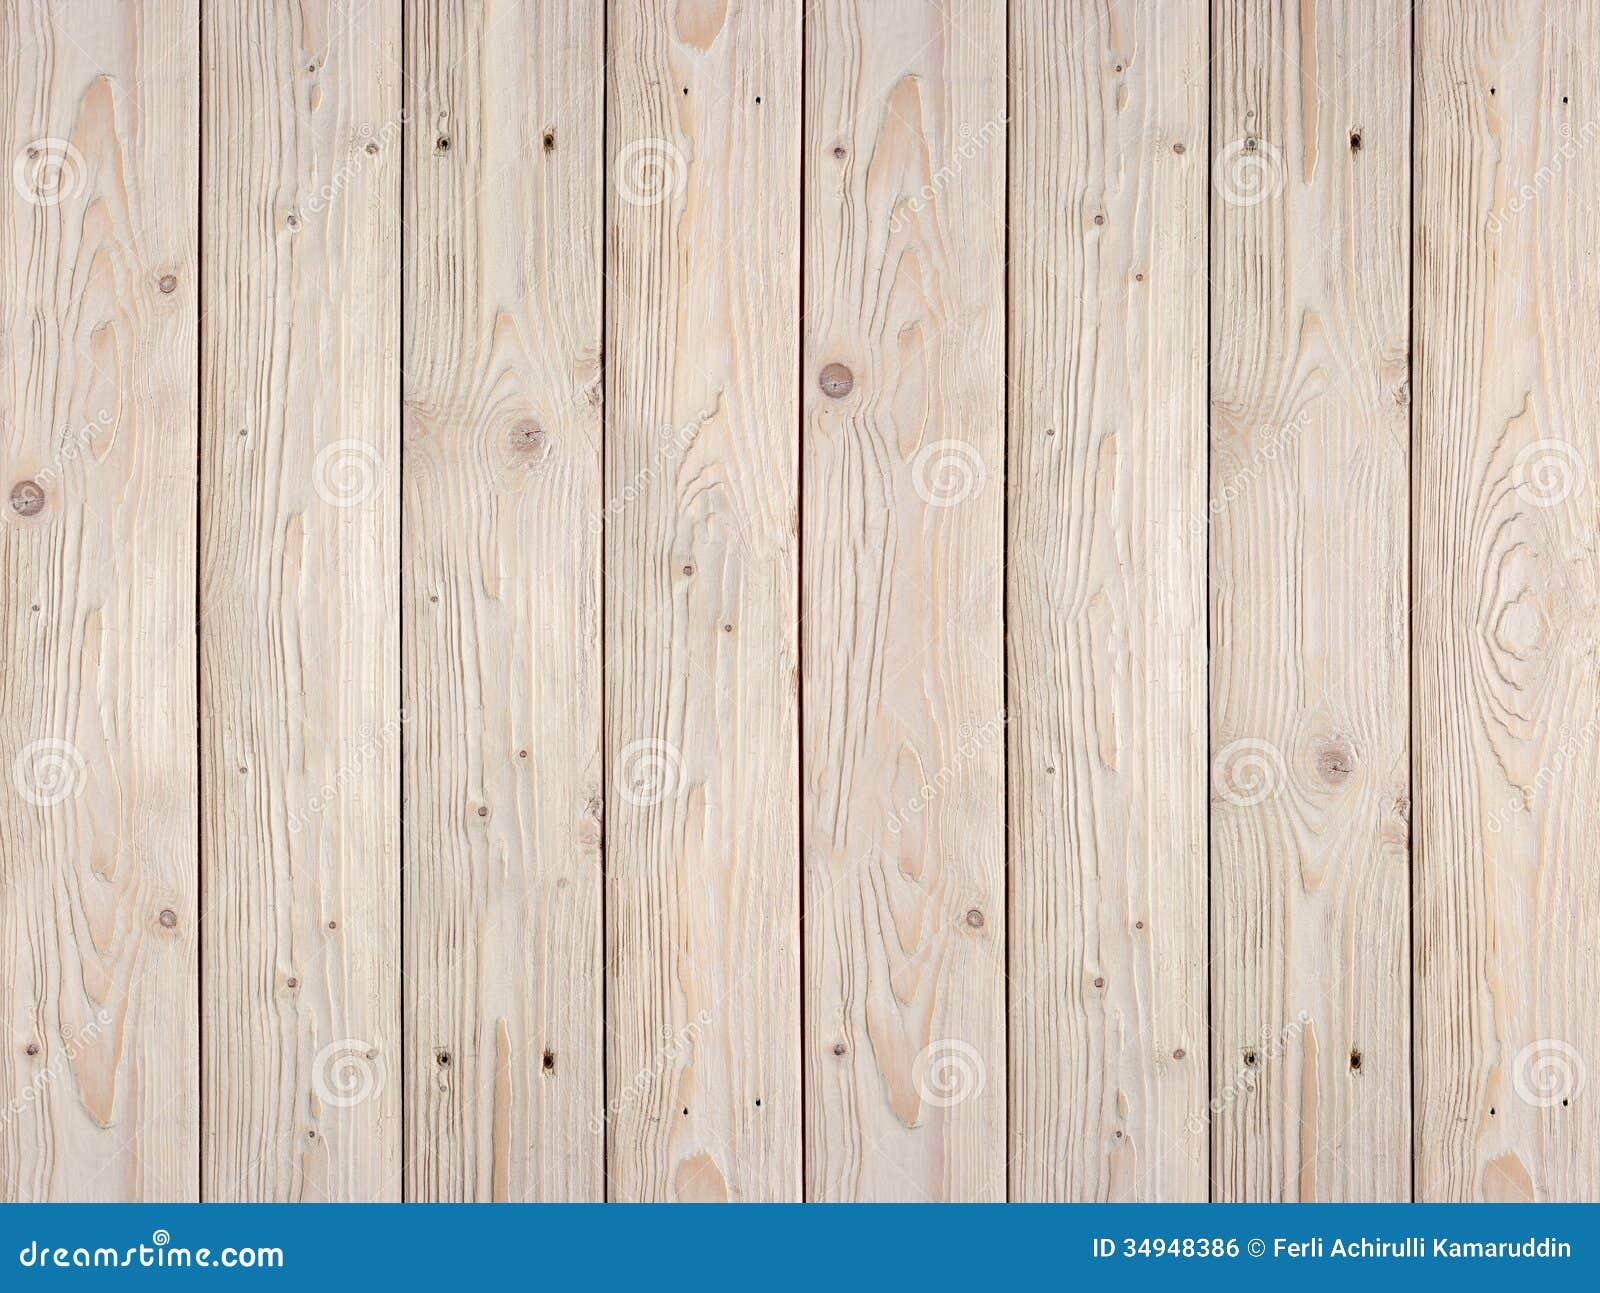 wood plank background royalty free stock image   image